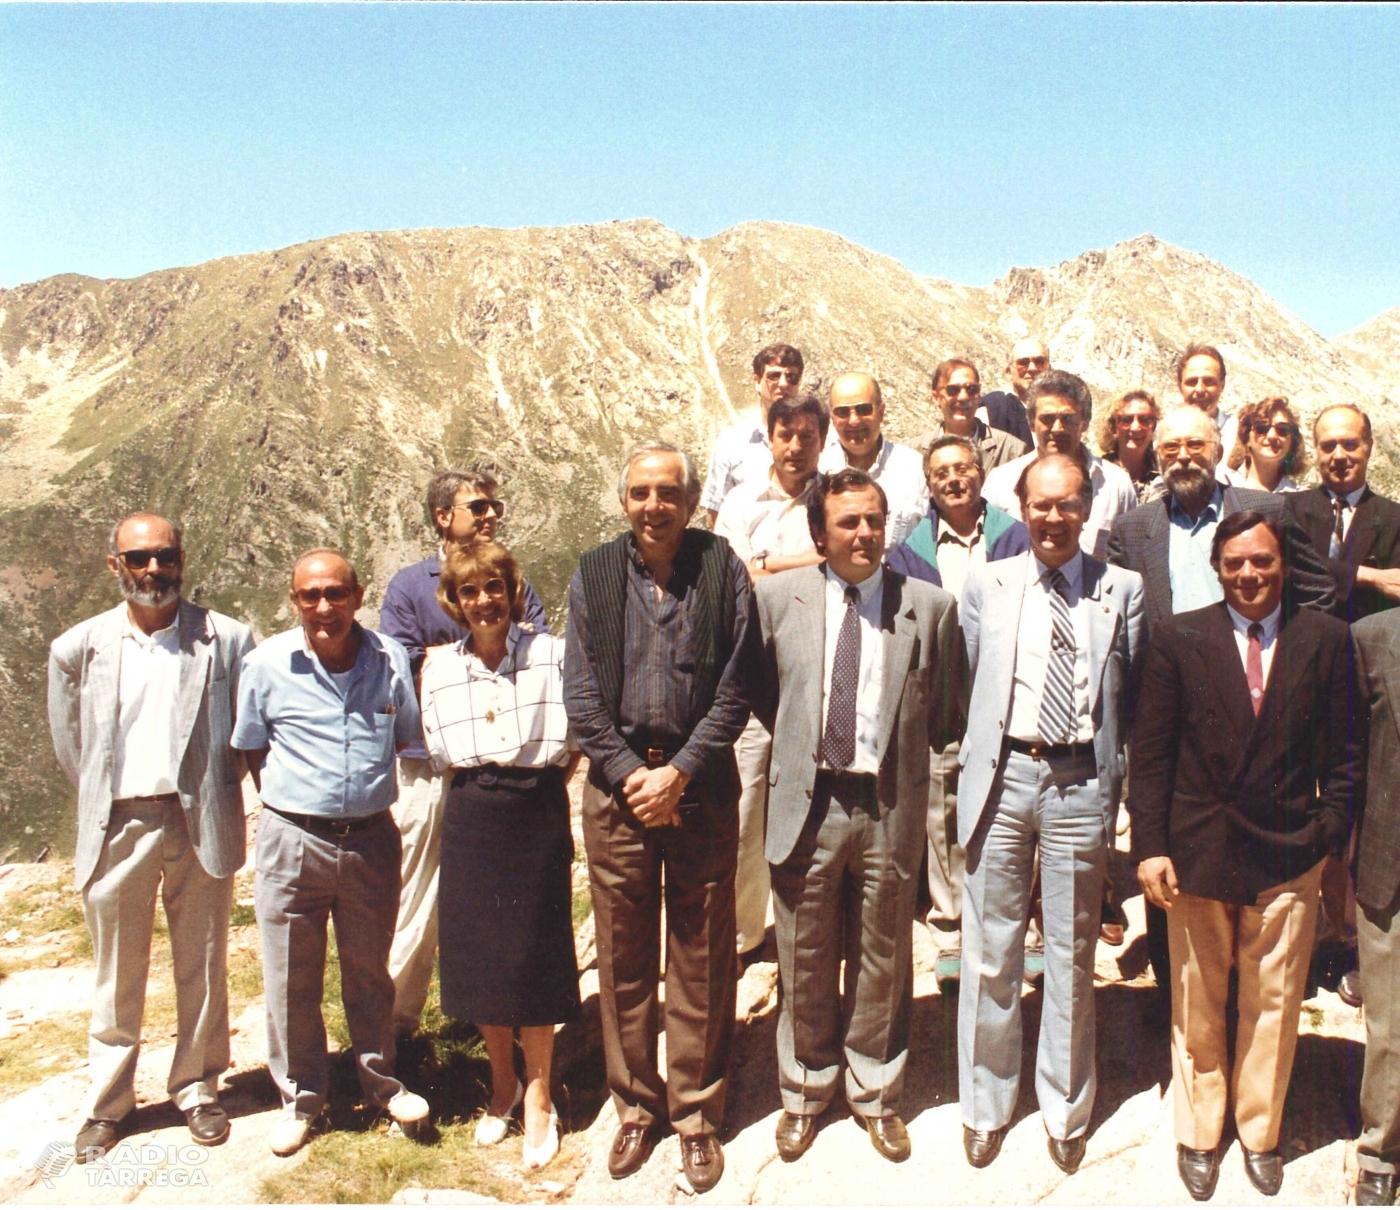 La Diputació de Lleida compleix 30 anys promovent el turisme del Pirineu i les terres de Lleida sota la marca 'Ara Lleida'